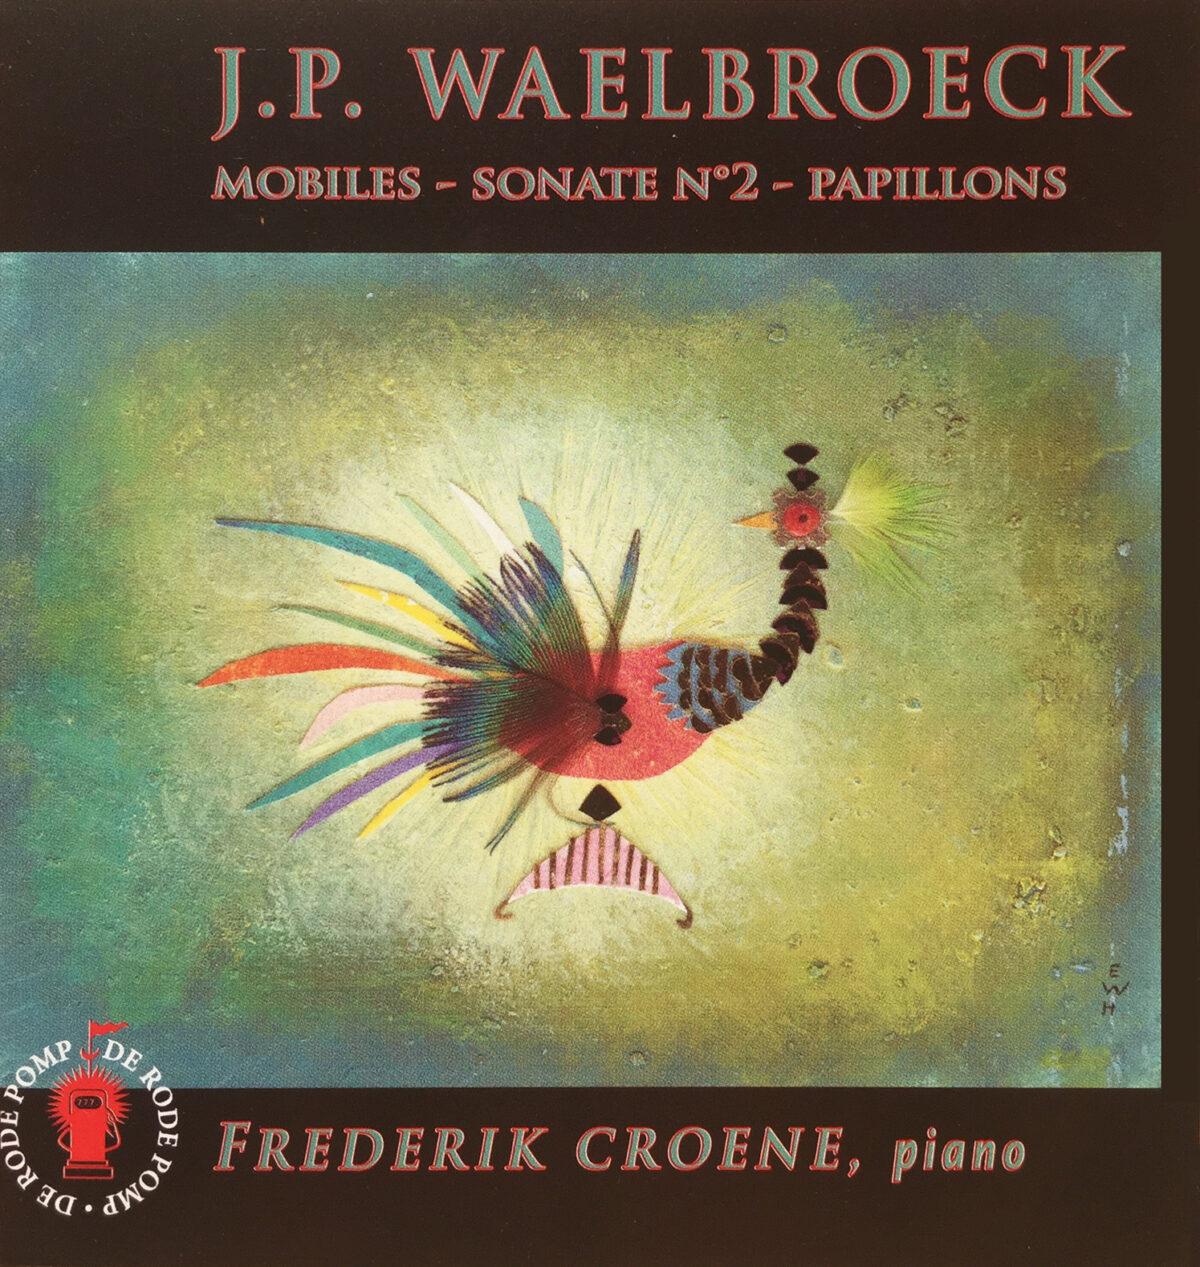 Jean-Pierre Waelbroeck